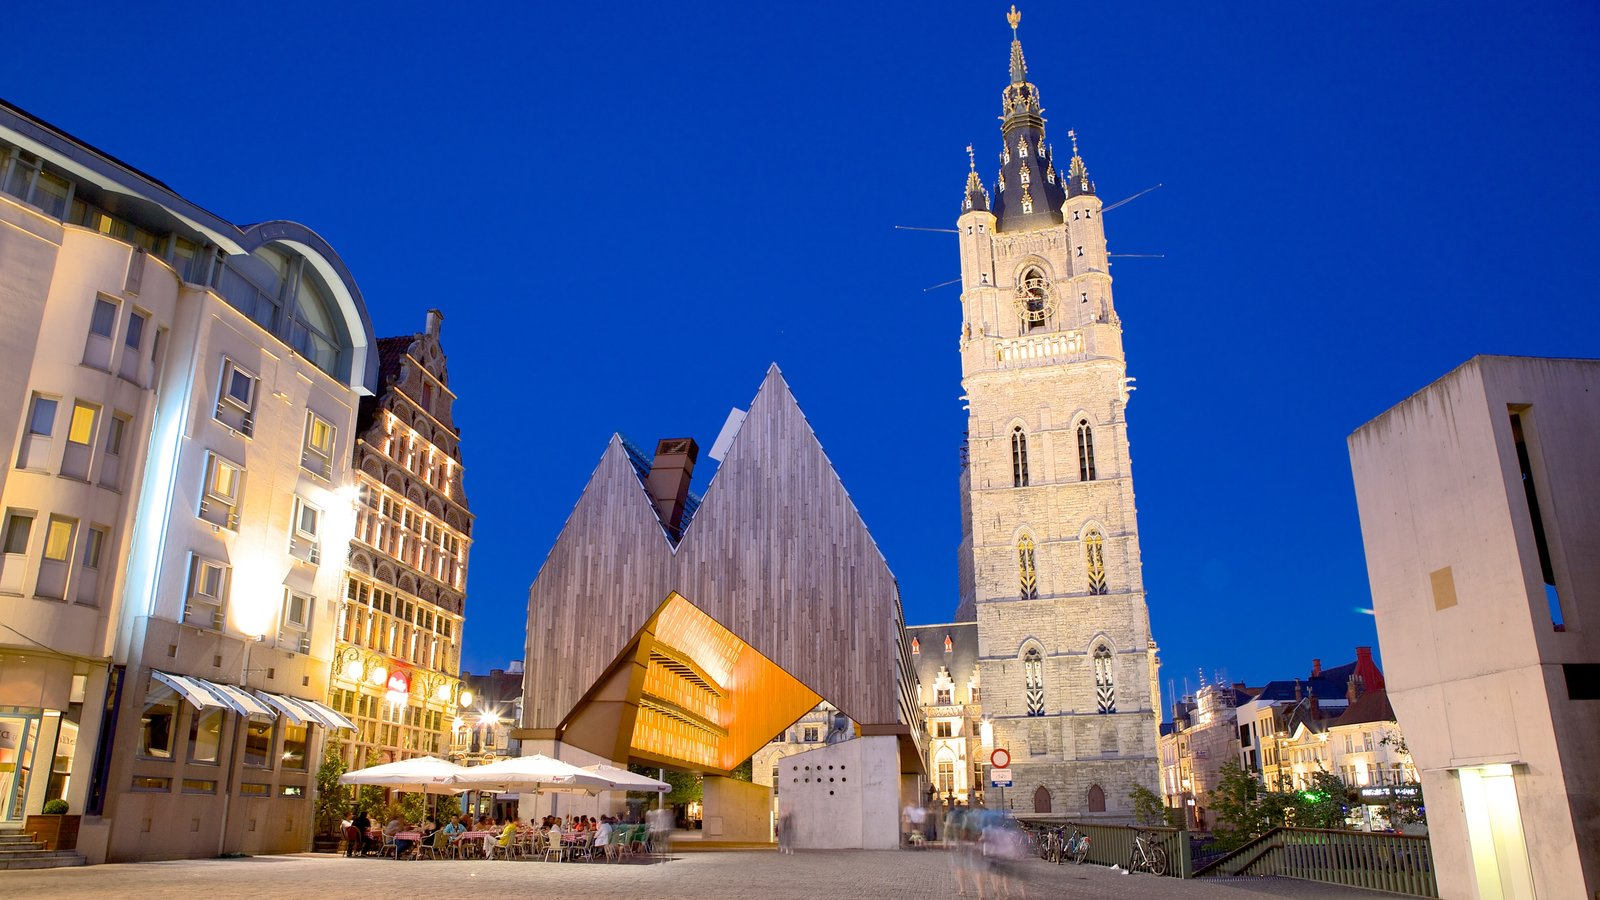 Campanario de Ghent mostrando patrimonio de arquitectura, arquitectura moderna y una ciudad